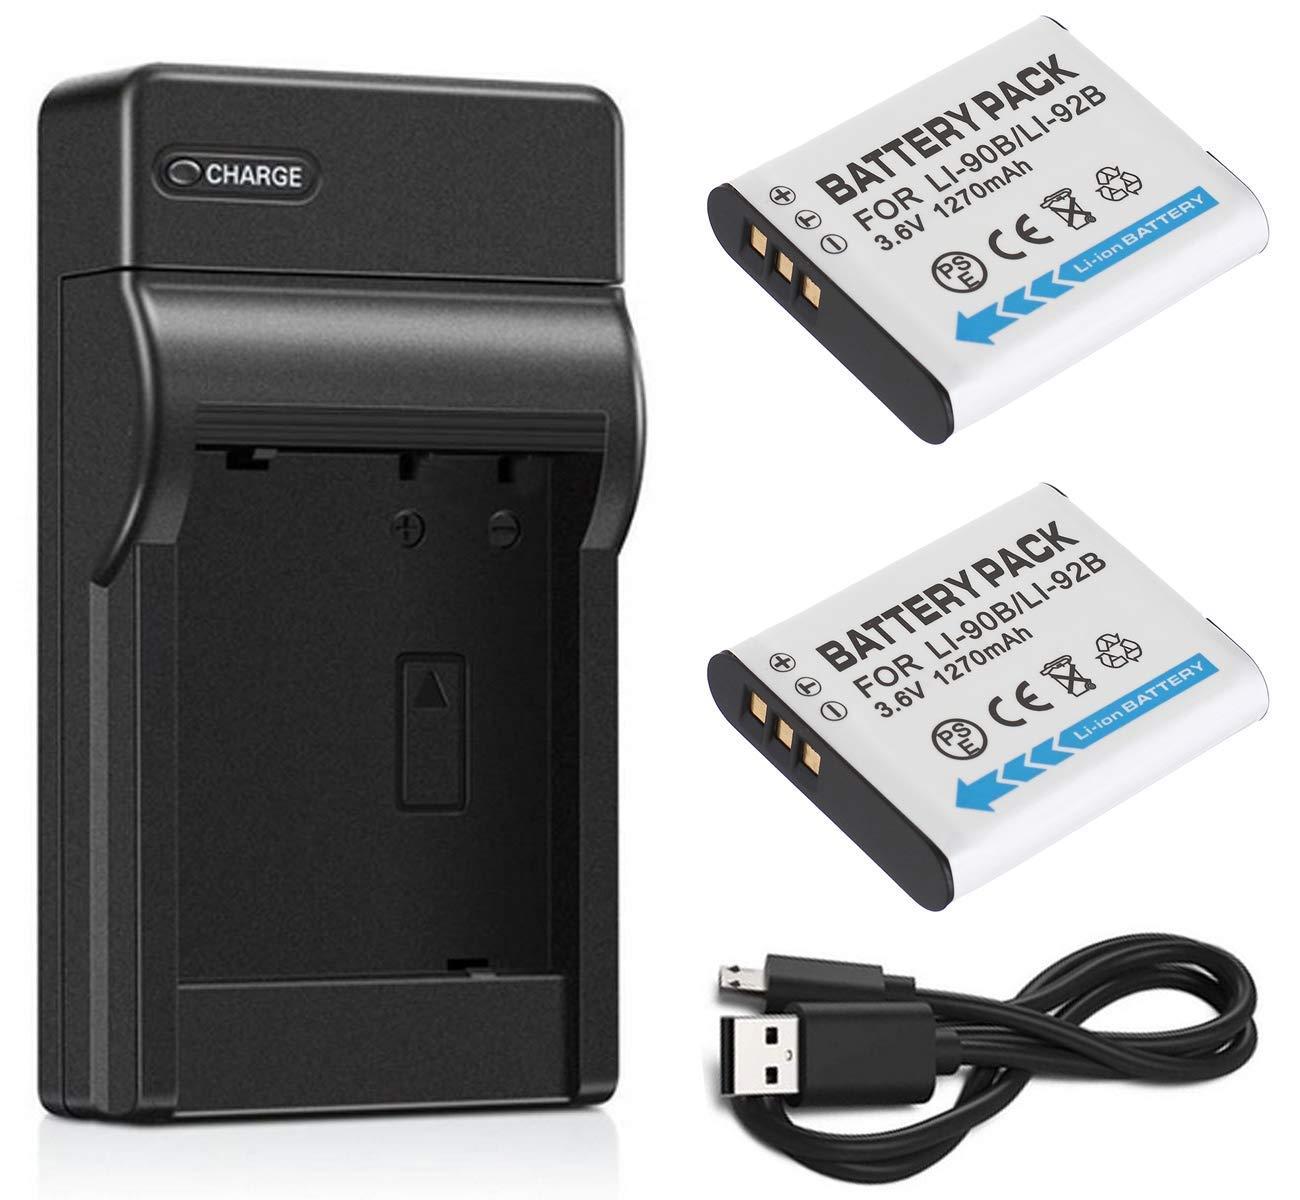 Batería (2 Unidades) y Cargador USB para cámara Digital ...